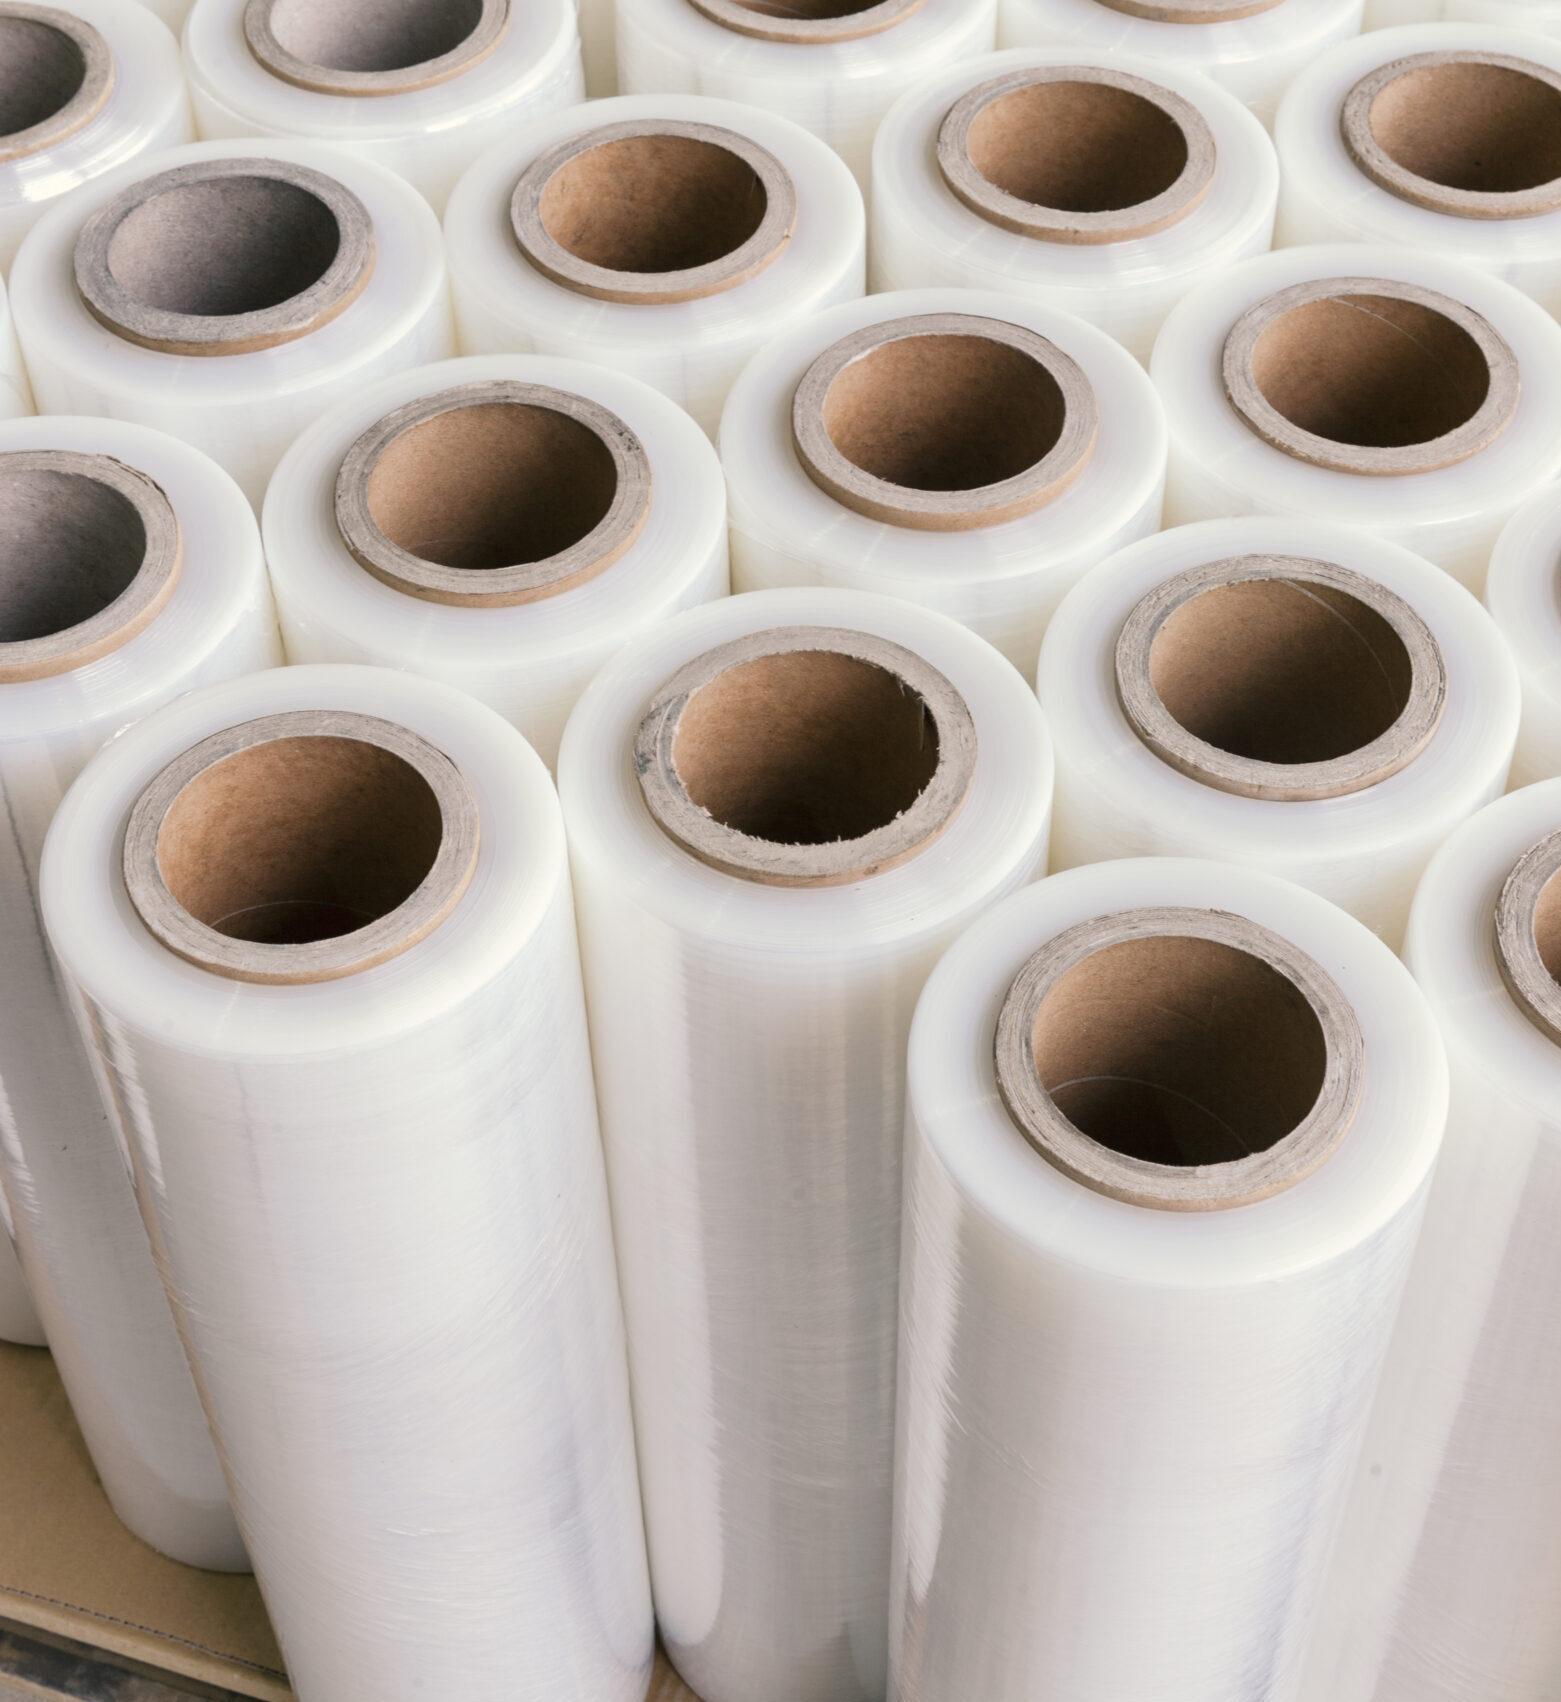 some white foil tubes